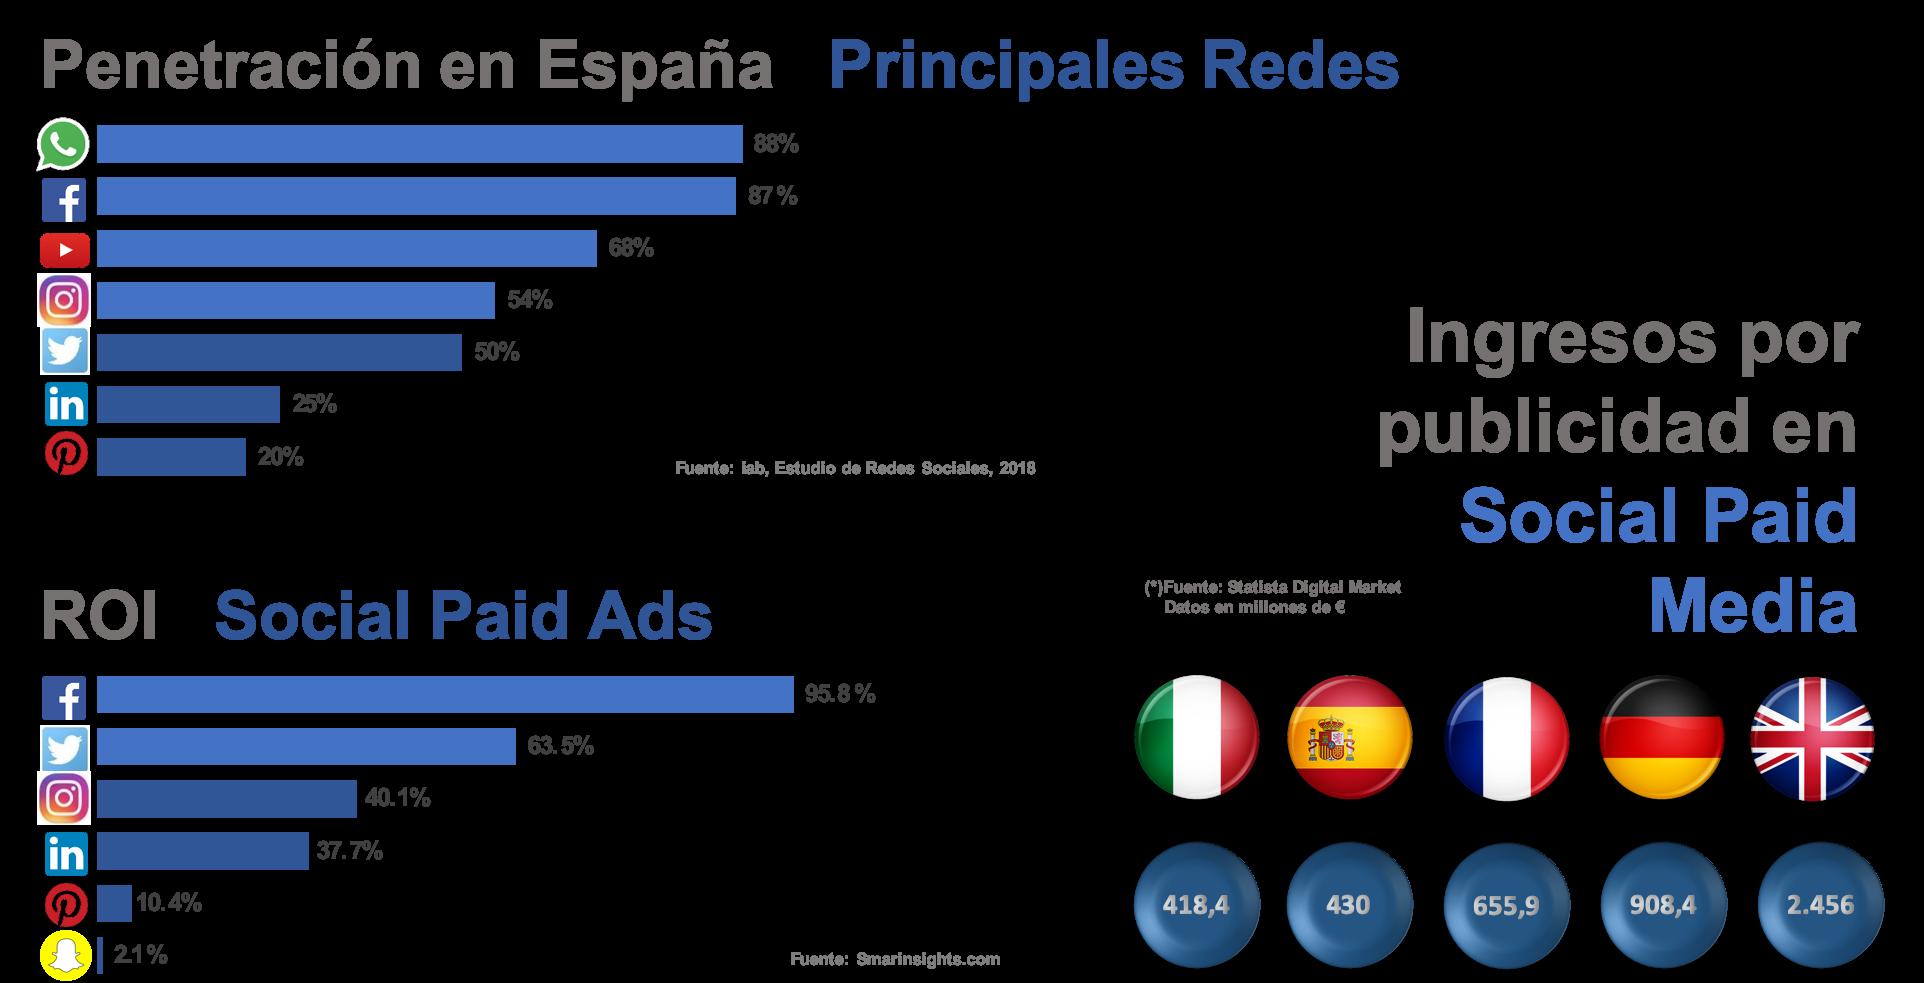 Datos relativos al rendimiento de los anuncios de paid social en España y Europa. Datos de Roi. Datos de ingresos por publicidad en los principales países europeos.